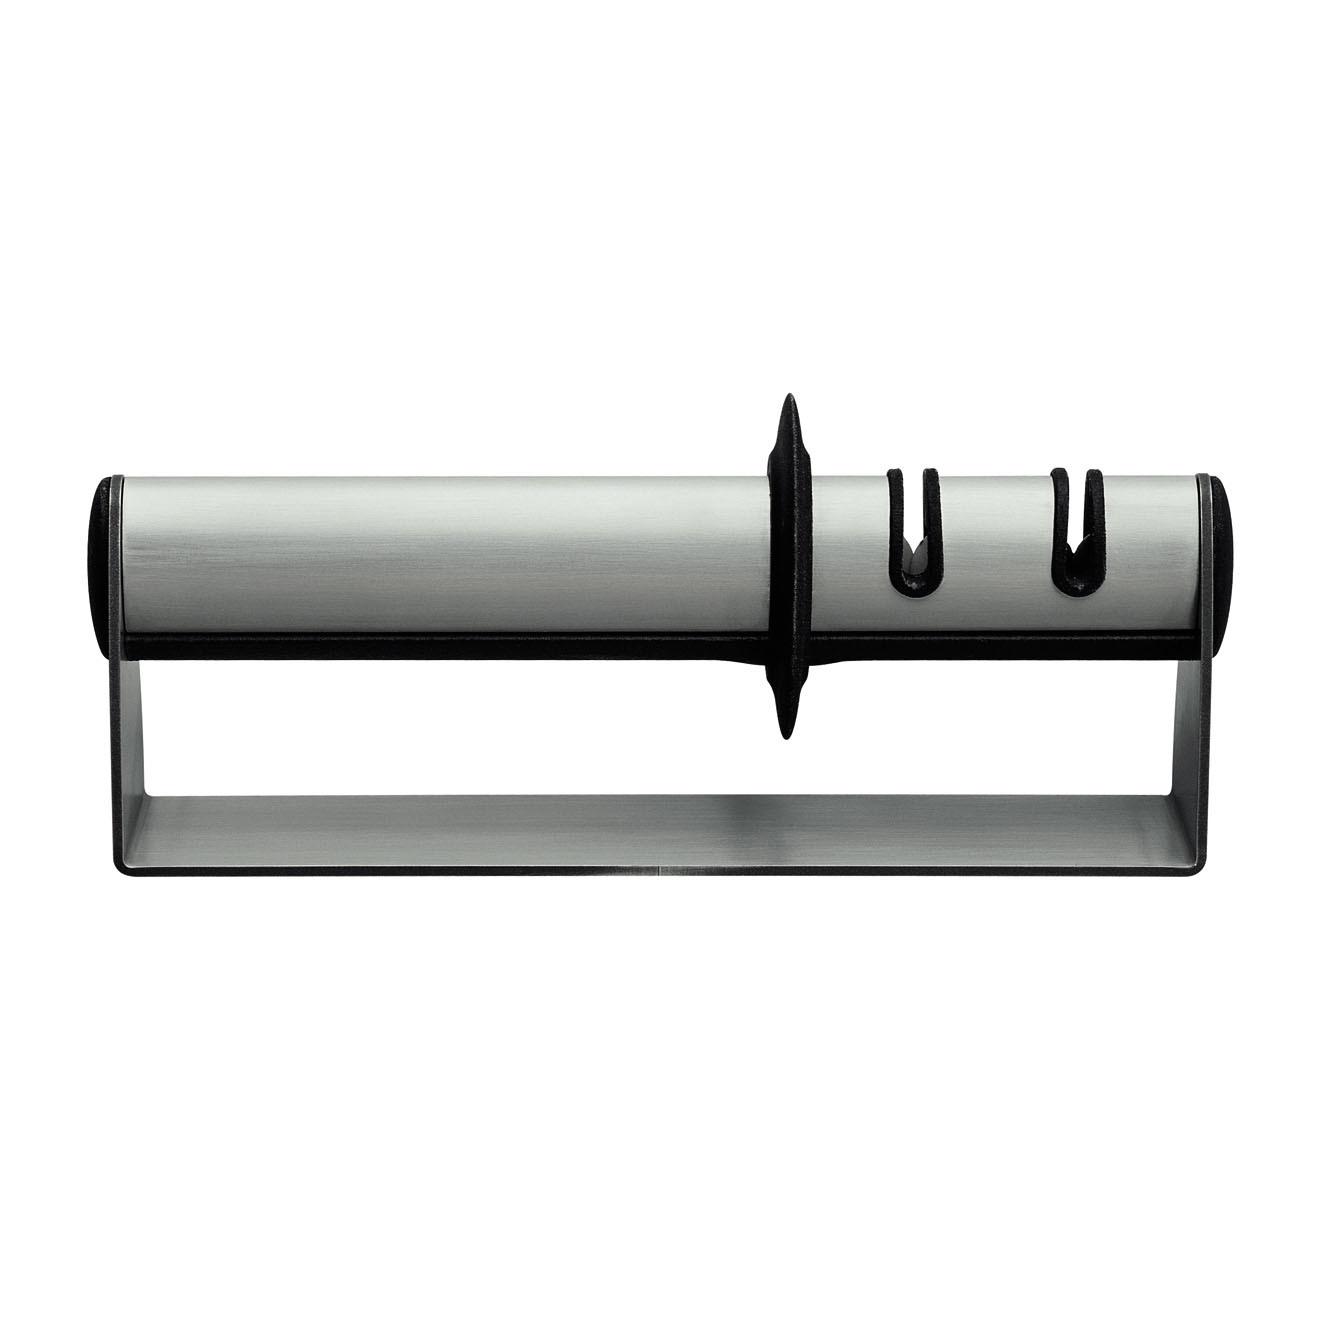 Точилка для ножей 195 мм Zwilling TWIN Select 32601-000Ручные механические точилки для ножей<br>Точилка для ножей 195 мм Zwilling TWIN Select 32601-000<br><br>Товар изготовлен: Корпус изготовлен из стали, точильные диски из стали и керамики.<br>Применение: Устройство просто в применении, т.к. угол наклона лезвия уже задан, что исключает возможность ошибки. Подходит для правшей и левшей. Имеет два отдельных точильных модуля: –стальные диски для тупых ножей, –керамические диски для доводки или быстрой перезаточки.<br>Использовать только по назначению! Хранить в недоступном для детей месте.<br>